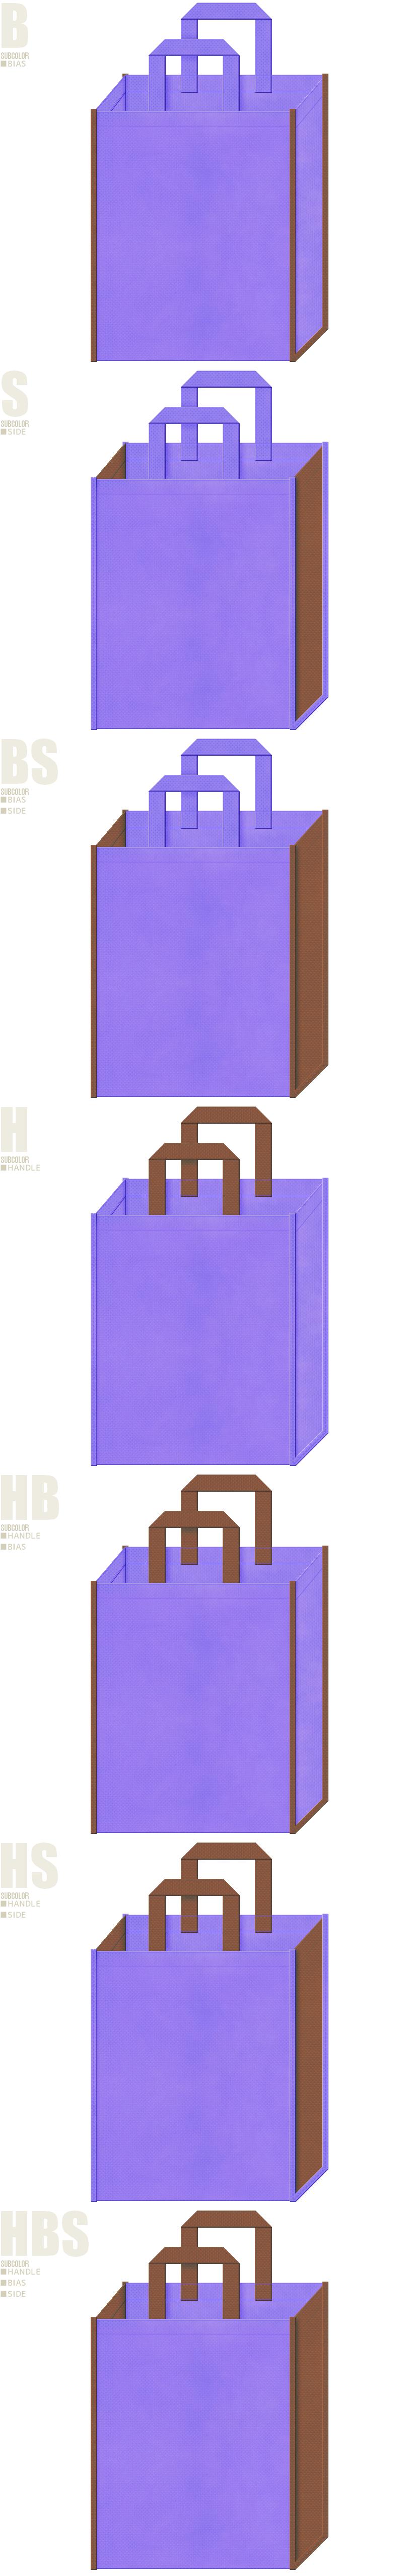 不織布バッグのデザイン:薄紫色と茶色の配色7パターン